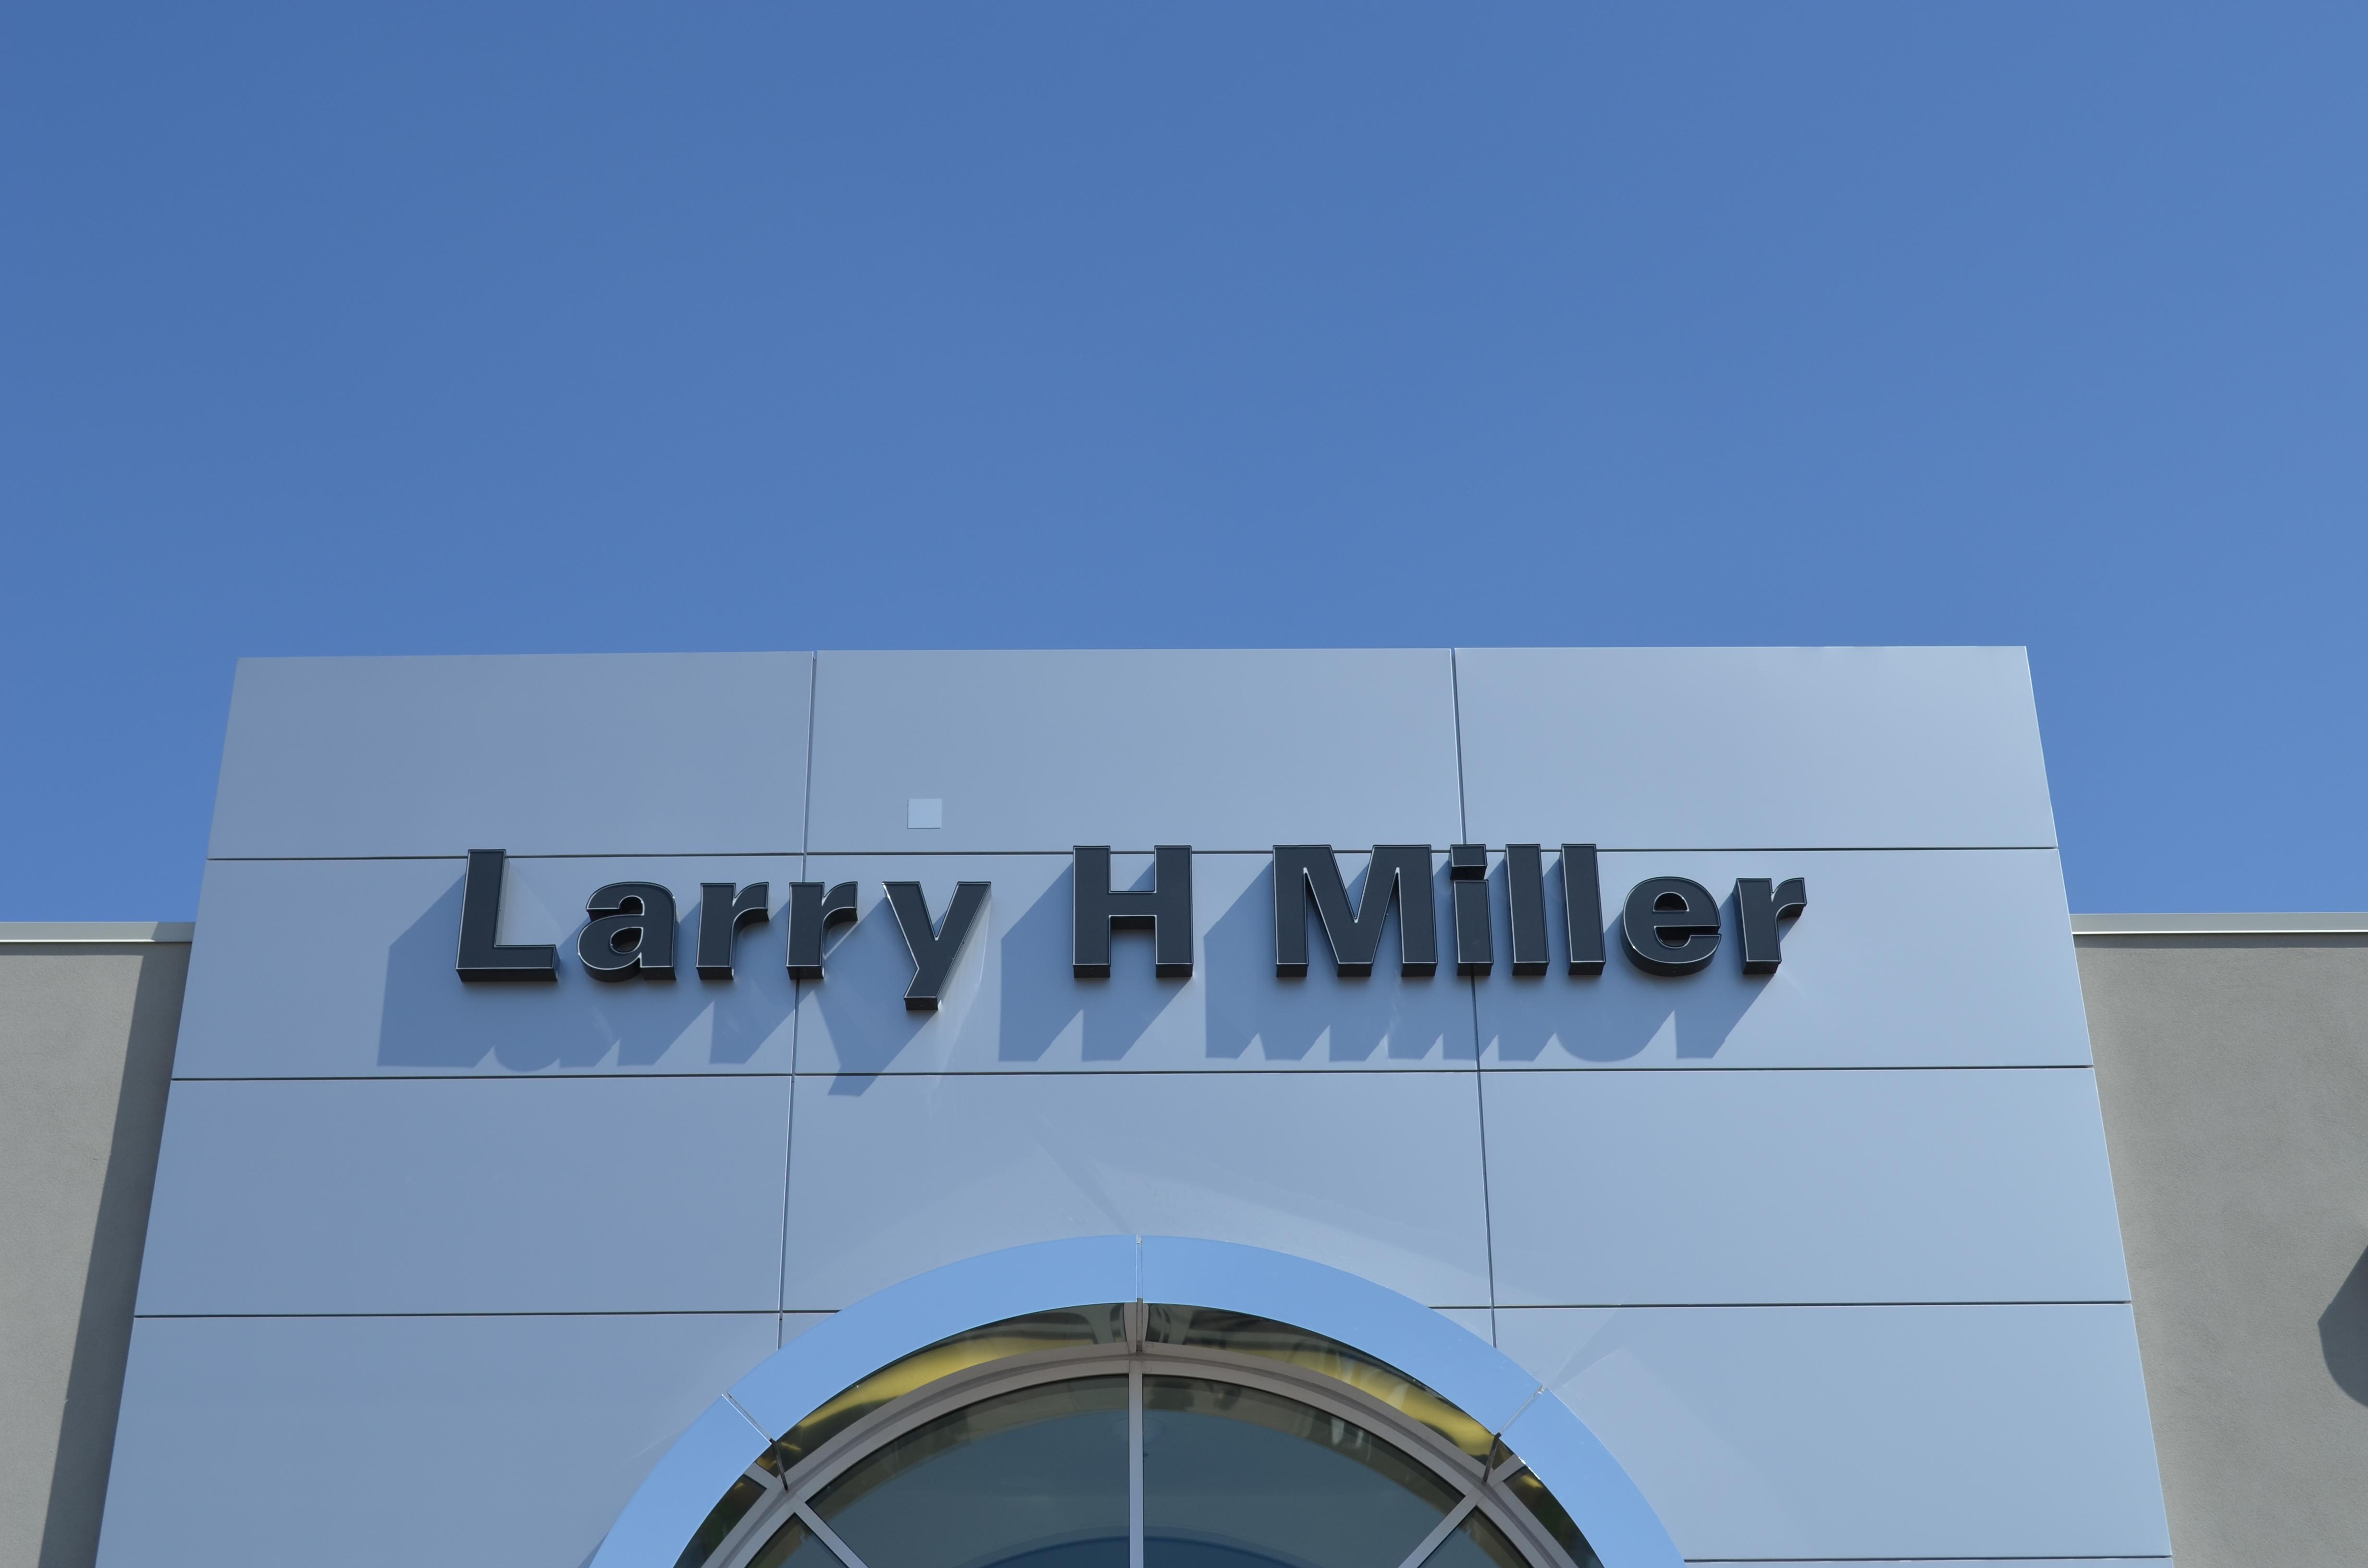 larry h miller chrysler jeep dodge ram suprise in surprise az whitepages. Black Bedroom Furniture Sets. Home Design Ideas